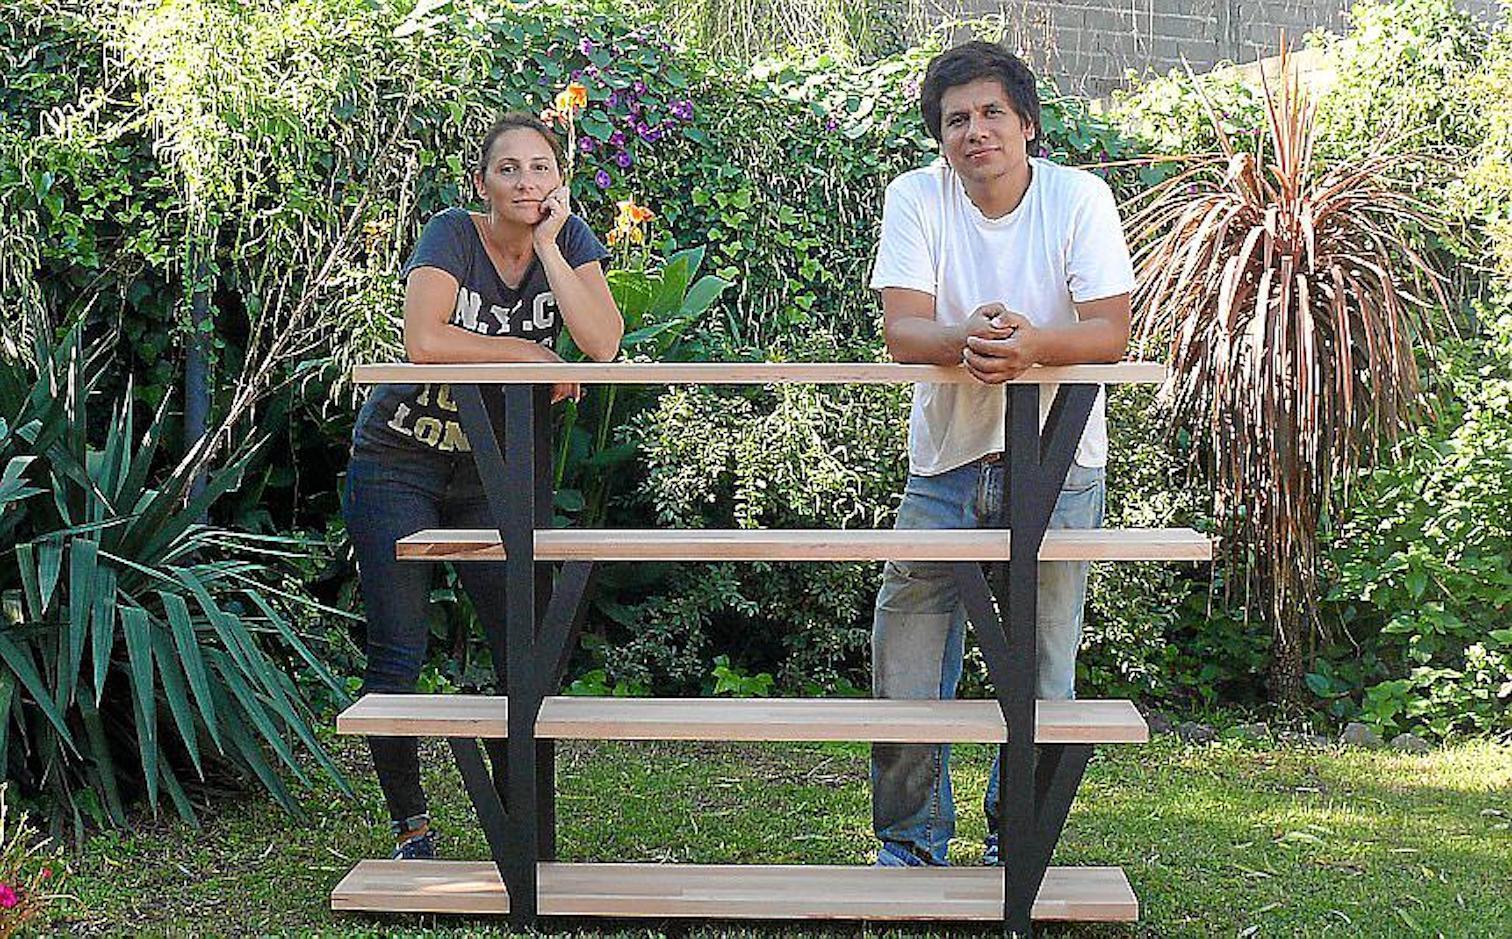 Evangelina Ducon & Lucio Peralta.